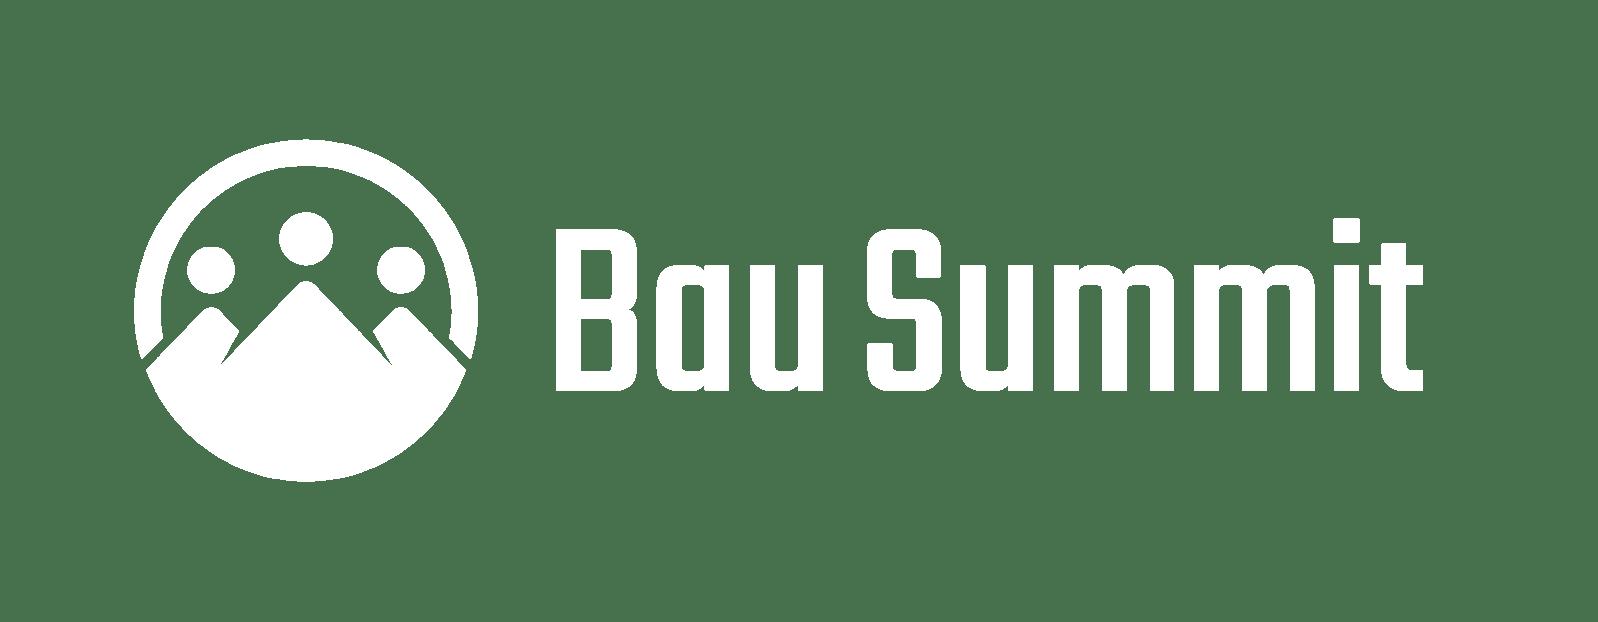 BauSummit Logo